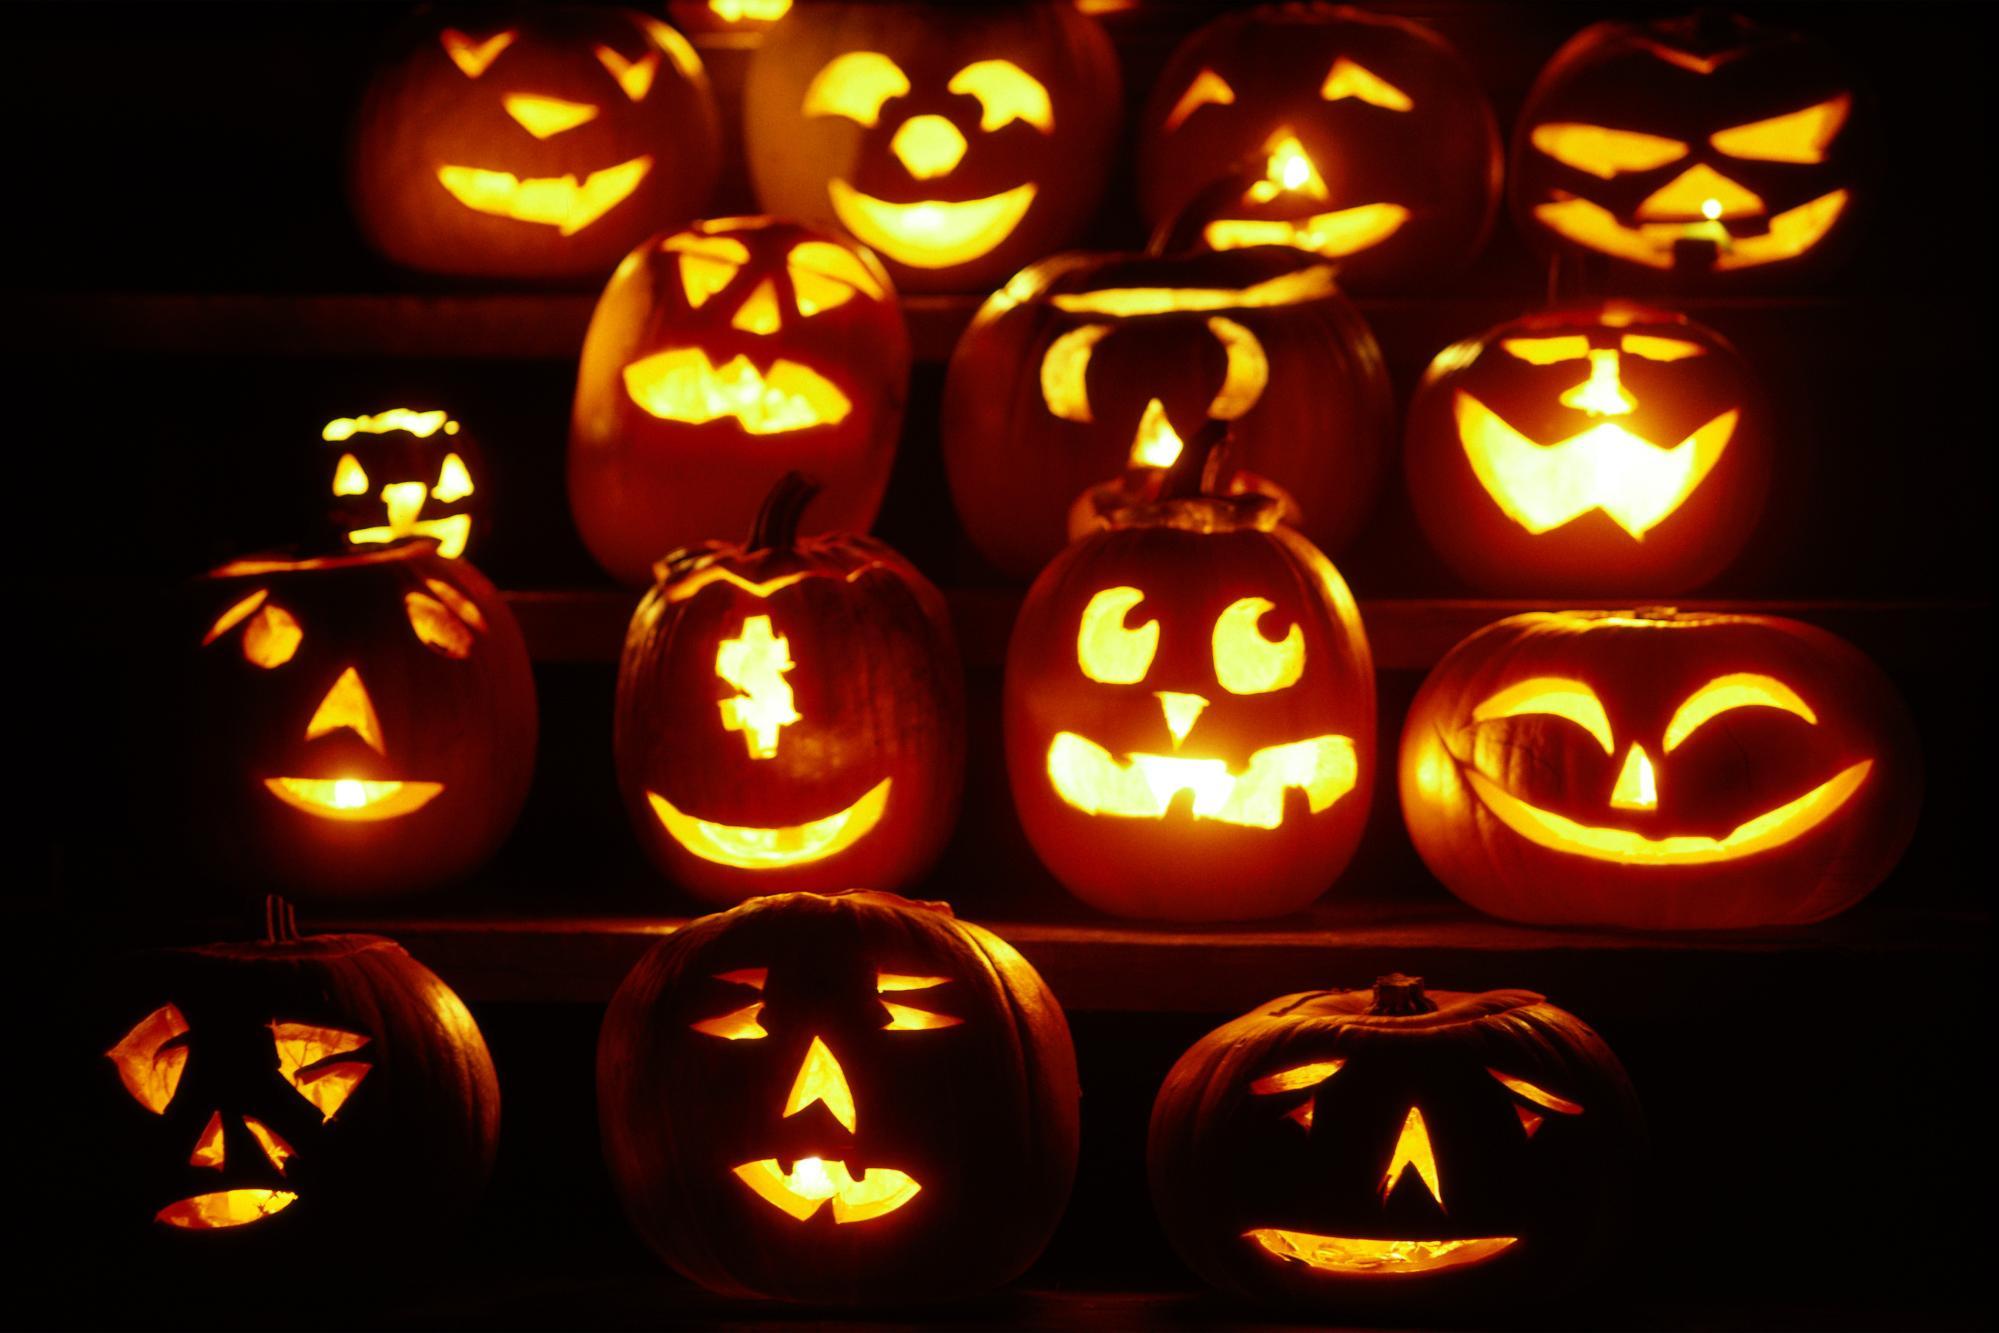 Pumpkins Halloween Wallpaper HD wallpapers   Pumpkins Halloween 1999x1333